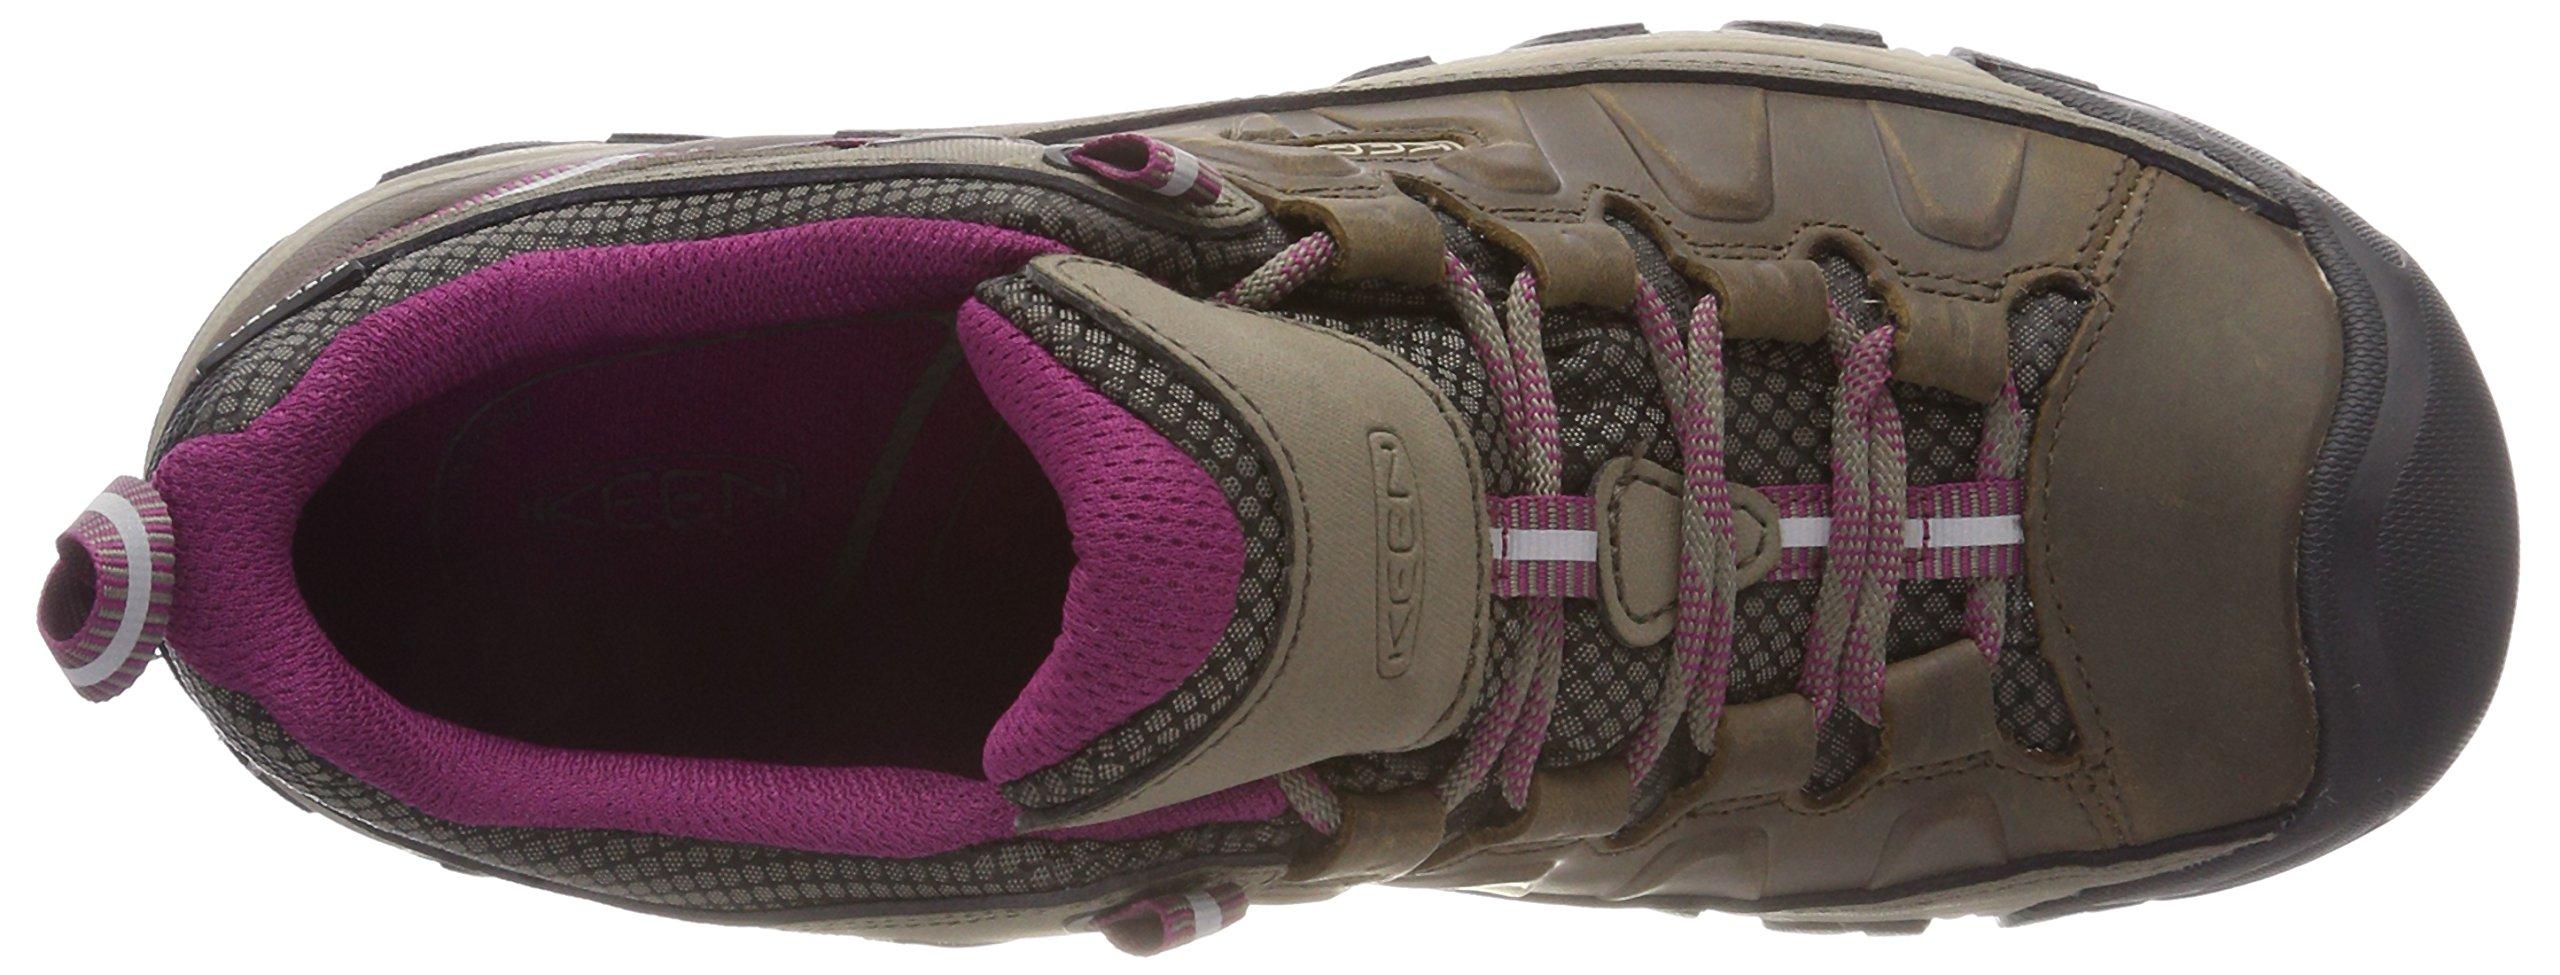 KEEN Women's Targhee Iii Wp Low Rise Hiking Shoes 7